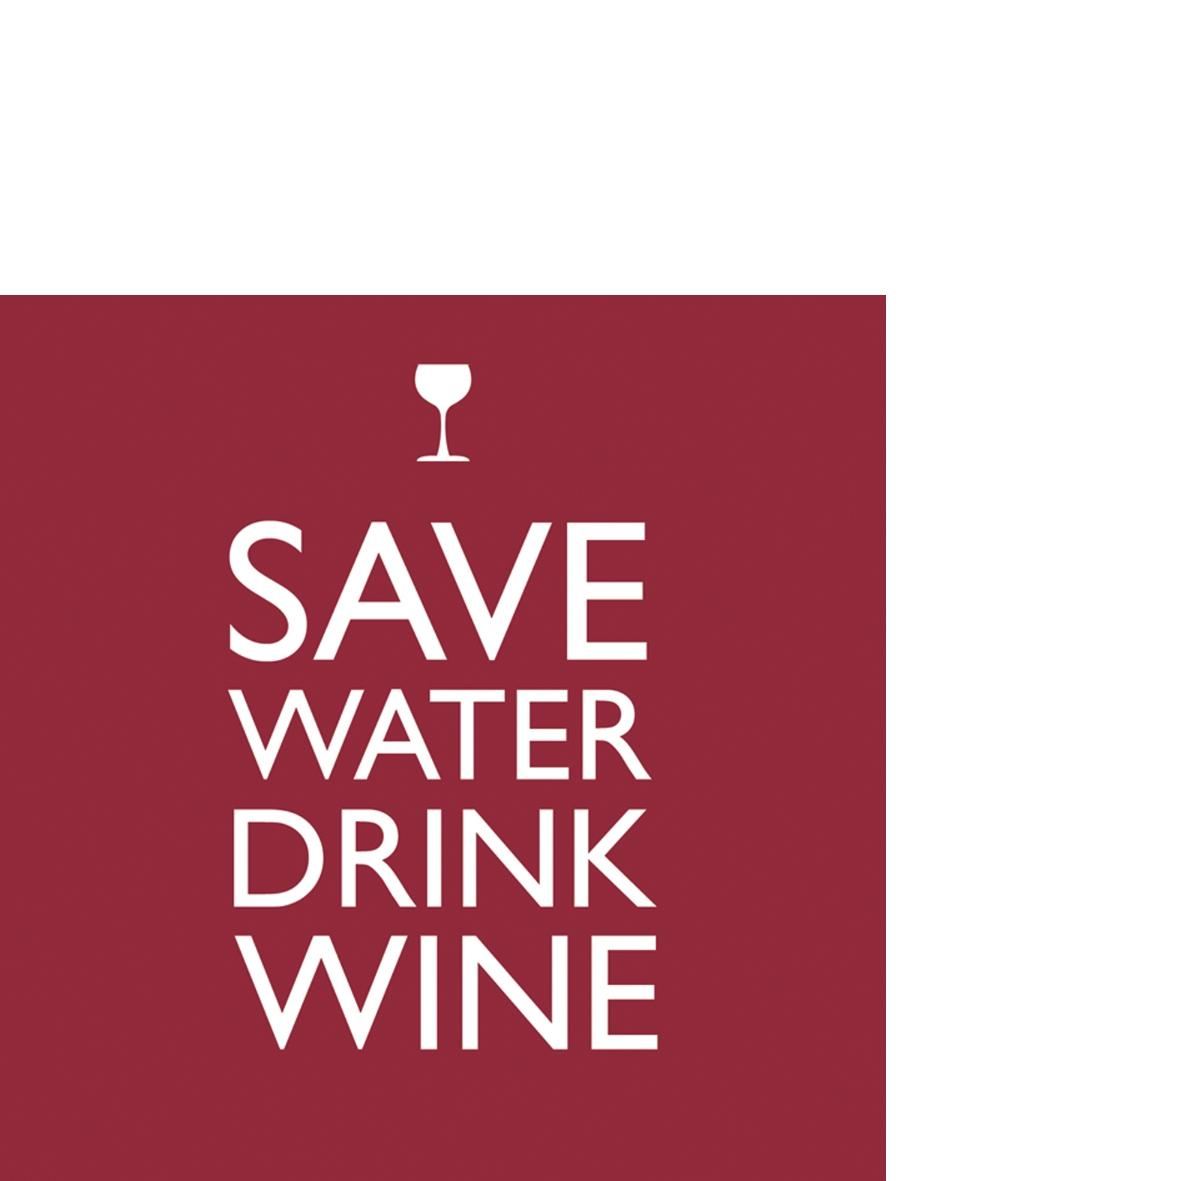 Servietten / Wein - Sekt,  Getränke - Wein / Sekt,  Everyday,  cocktail servietten,  Schriften,  lustig,  Wein